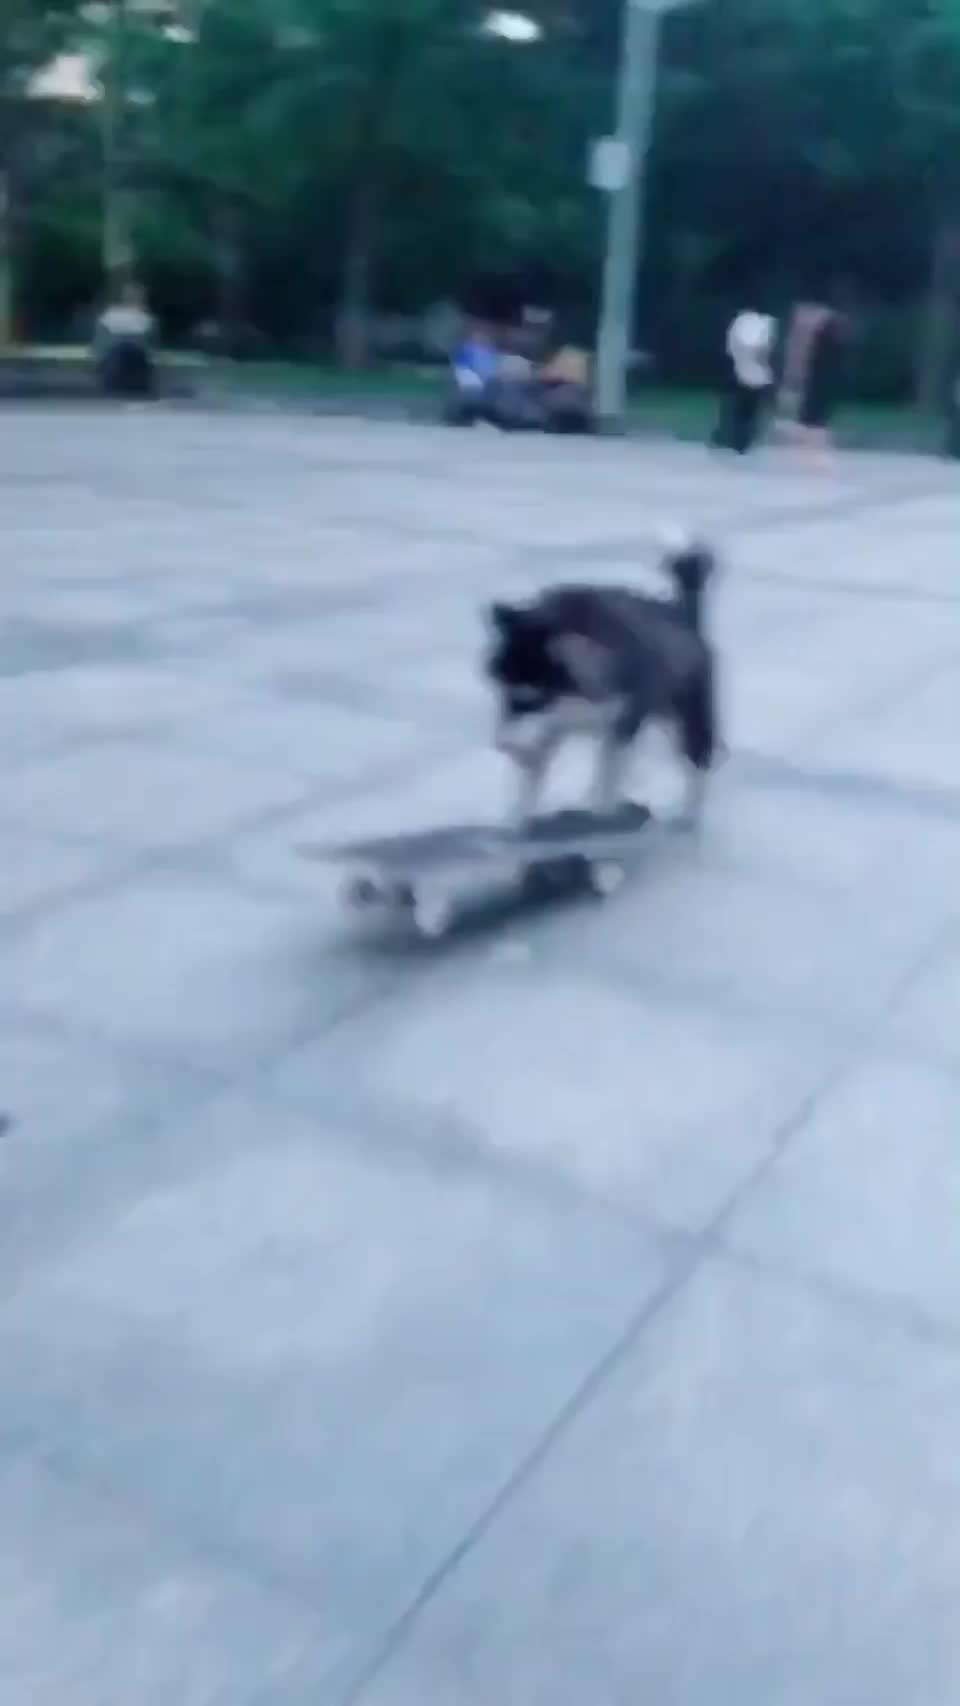 dog, puppy, skateboard, skateboarding, Skateboarding dog. GIFs